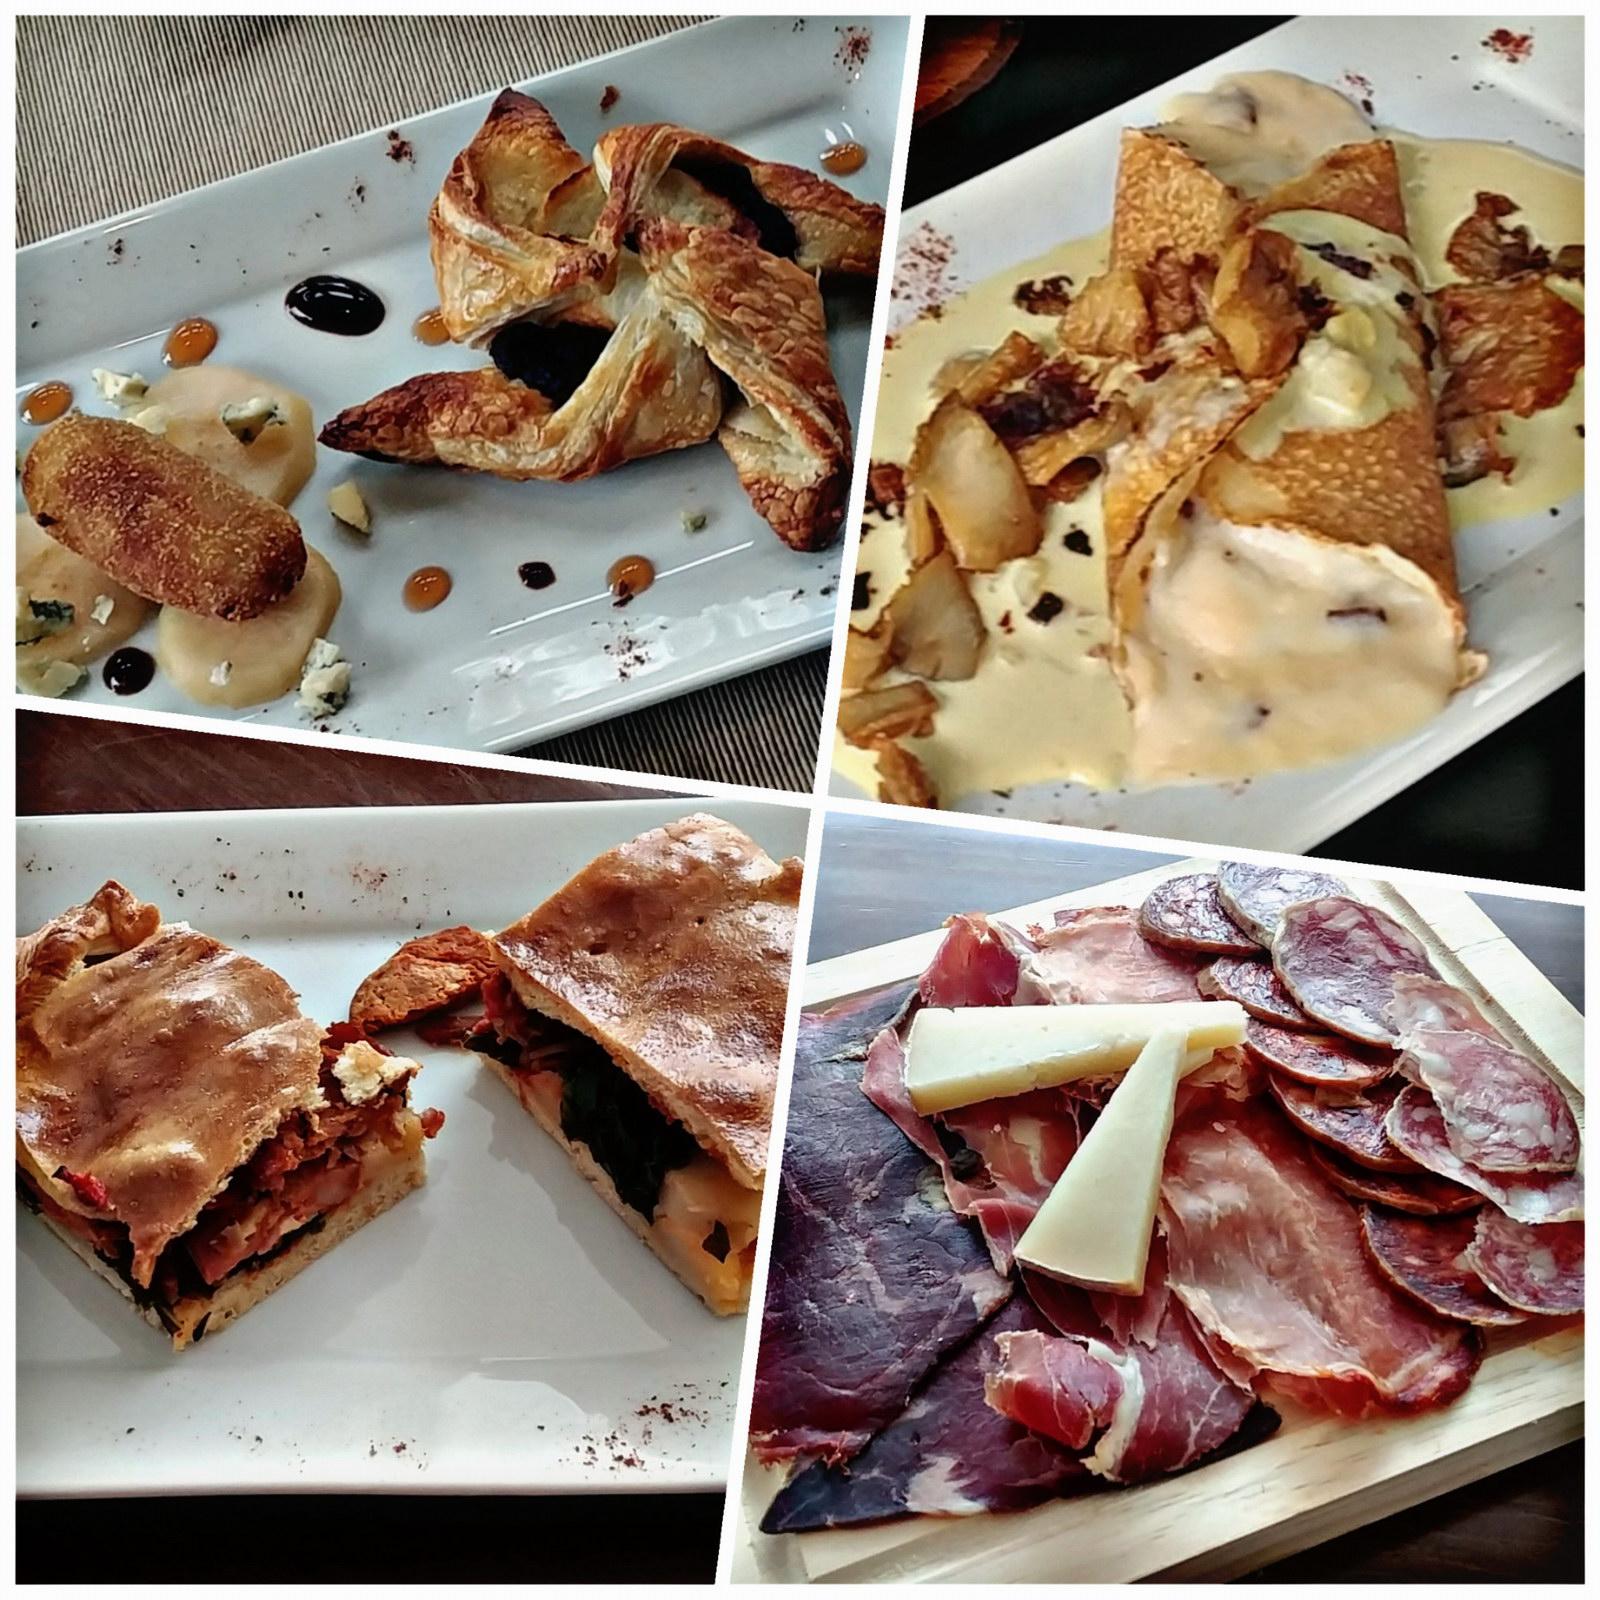 Jornadas Gastronómicas del Bierzo 2019 Restaurante Menú Degustación La Antigua Escuela entrantes